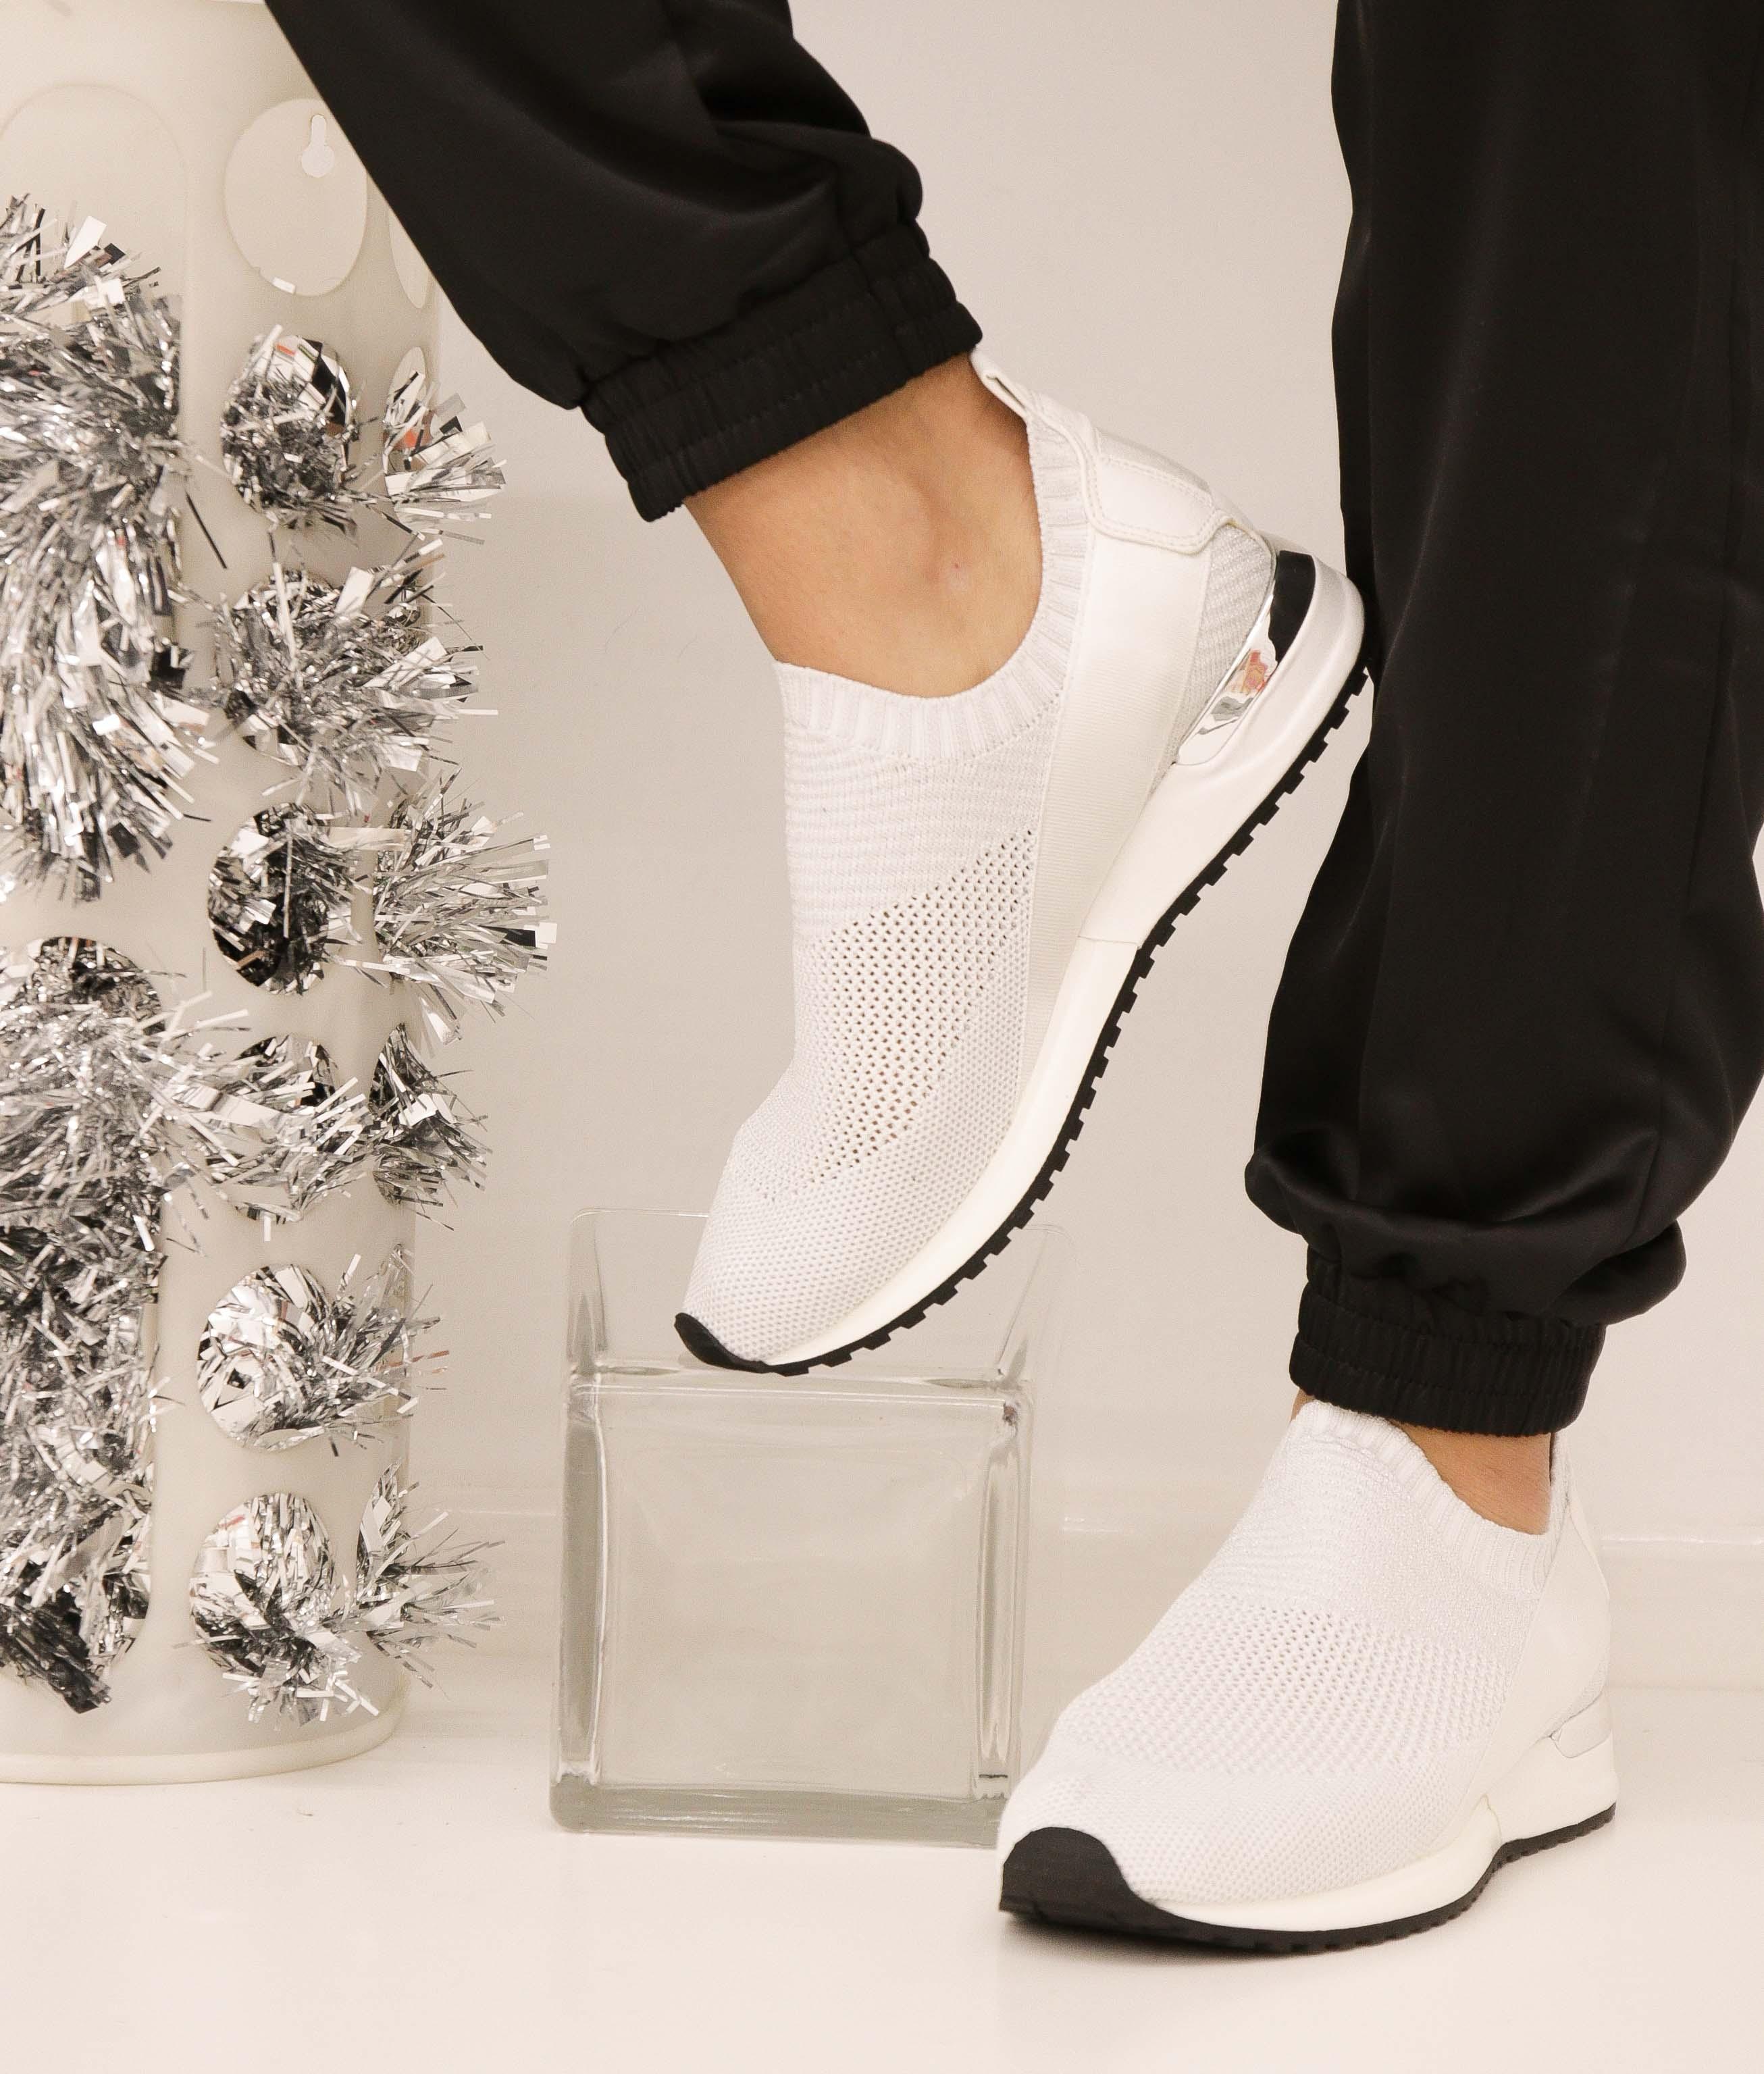 Sneakers Benbi - Prata/Branco